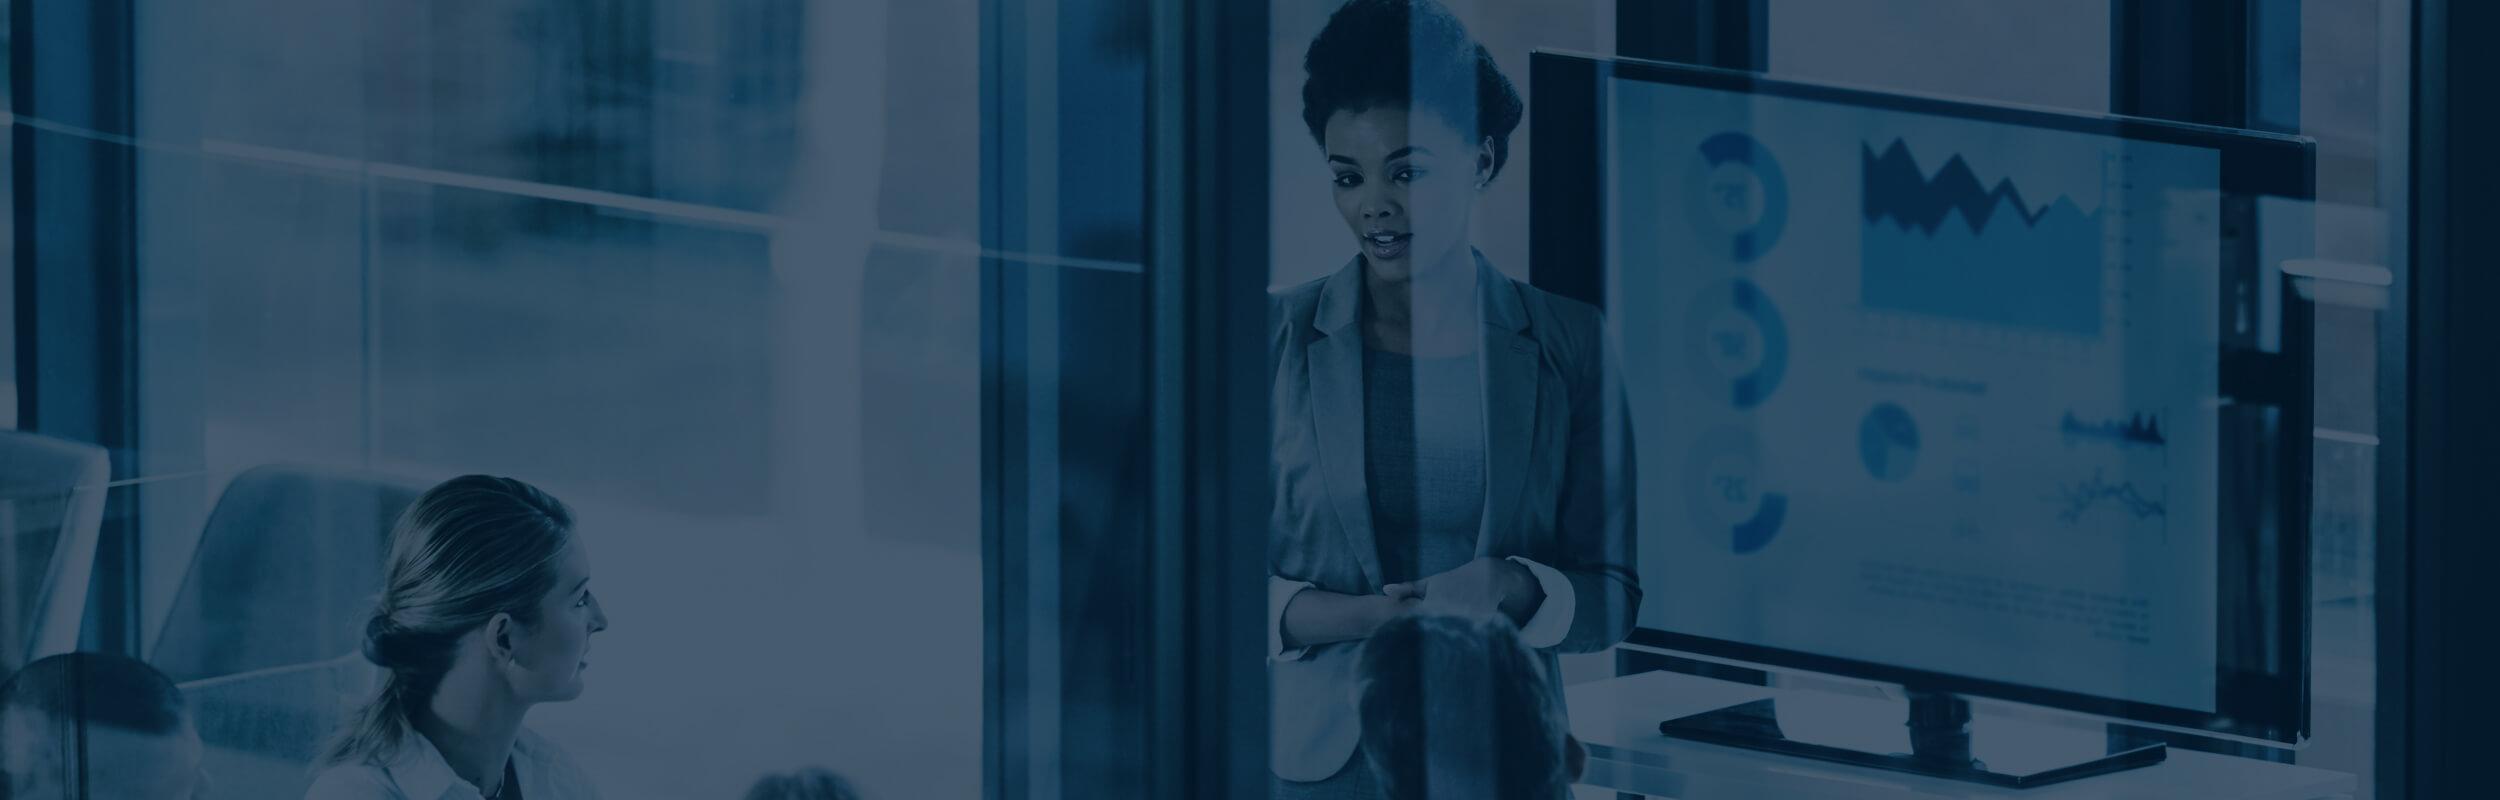 Emplois d'analyste d'entreprise/de systèmes